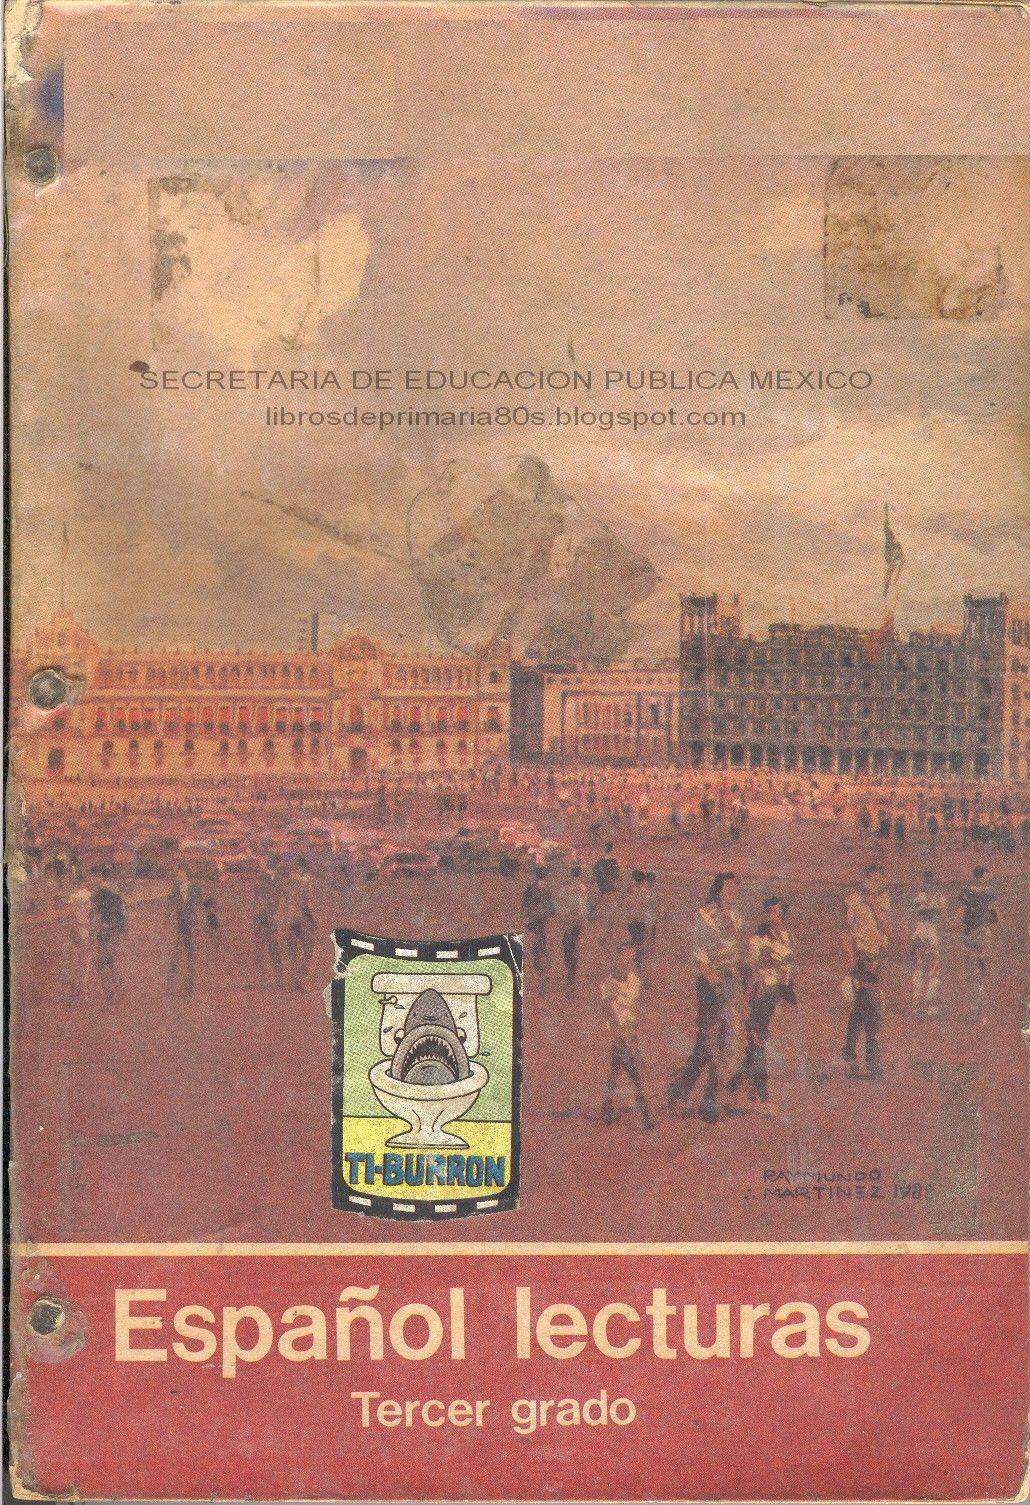 Libros de primaria de los 80 39 s octubre 2011 for Espanol lecturas cuarto grado 1993